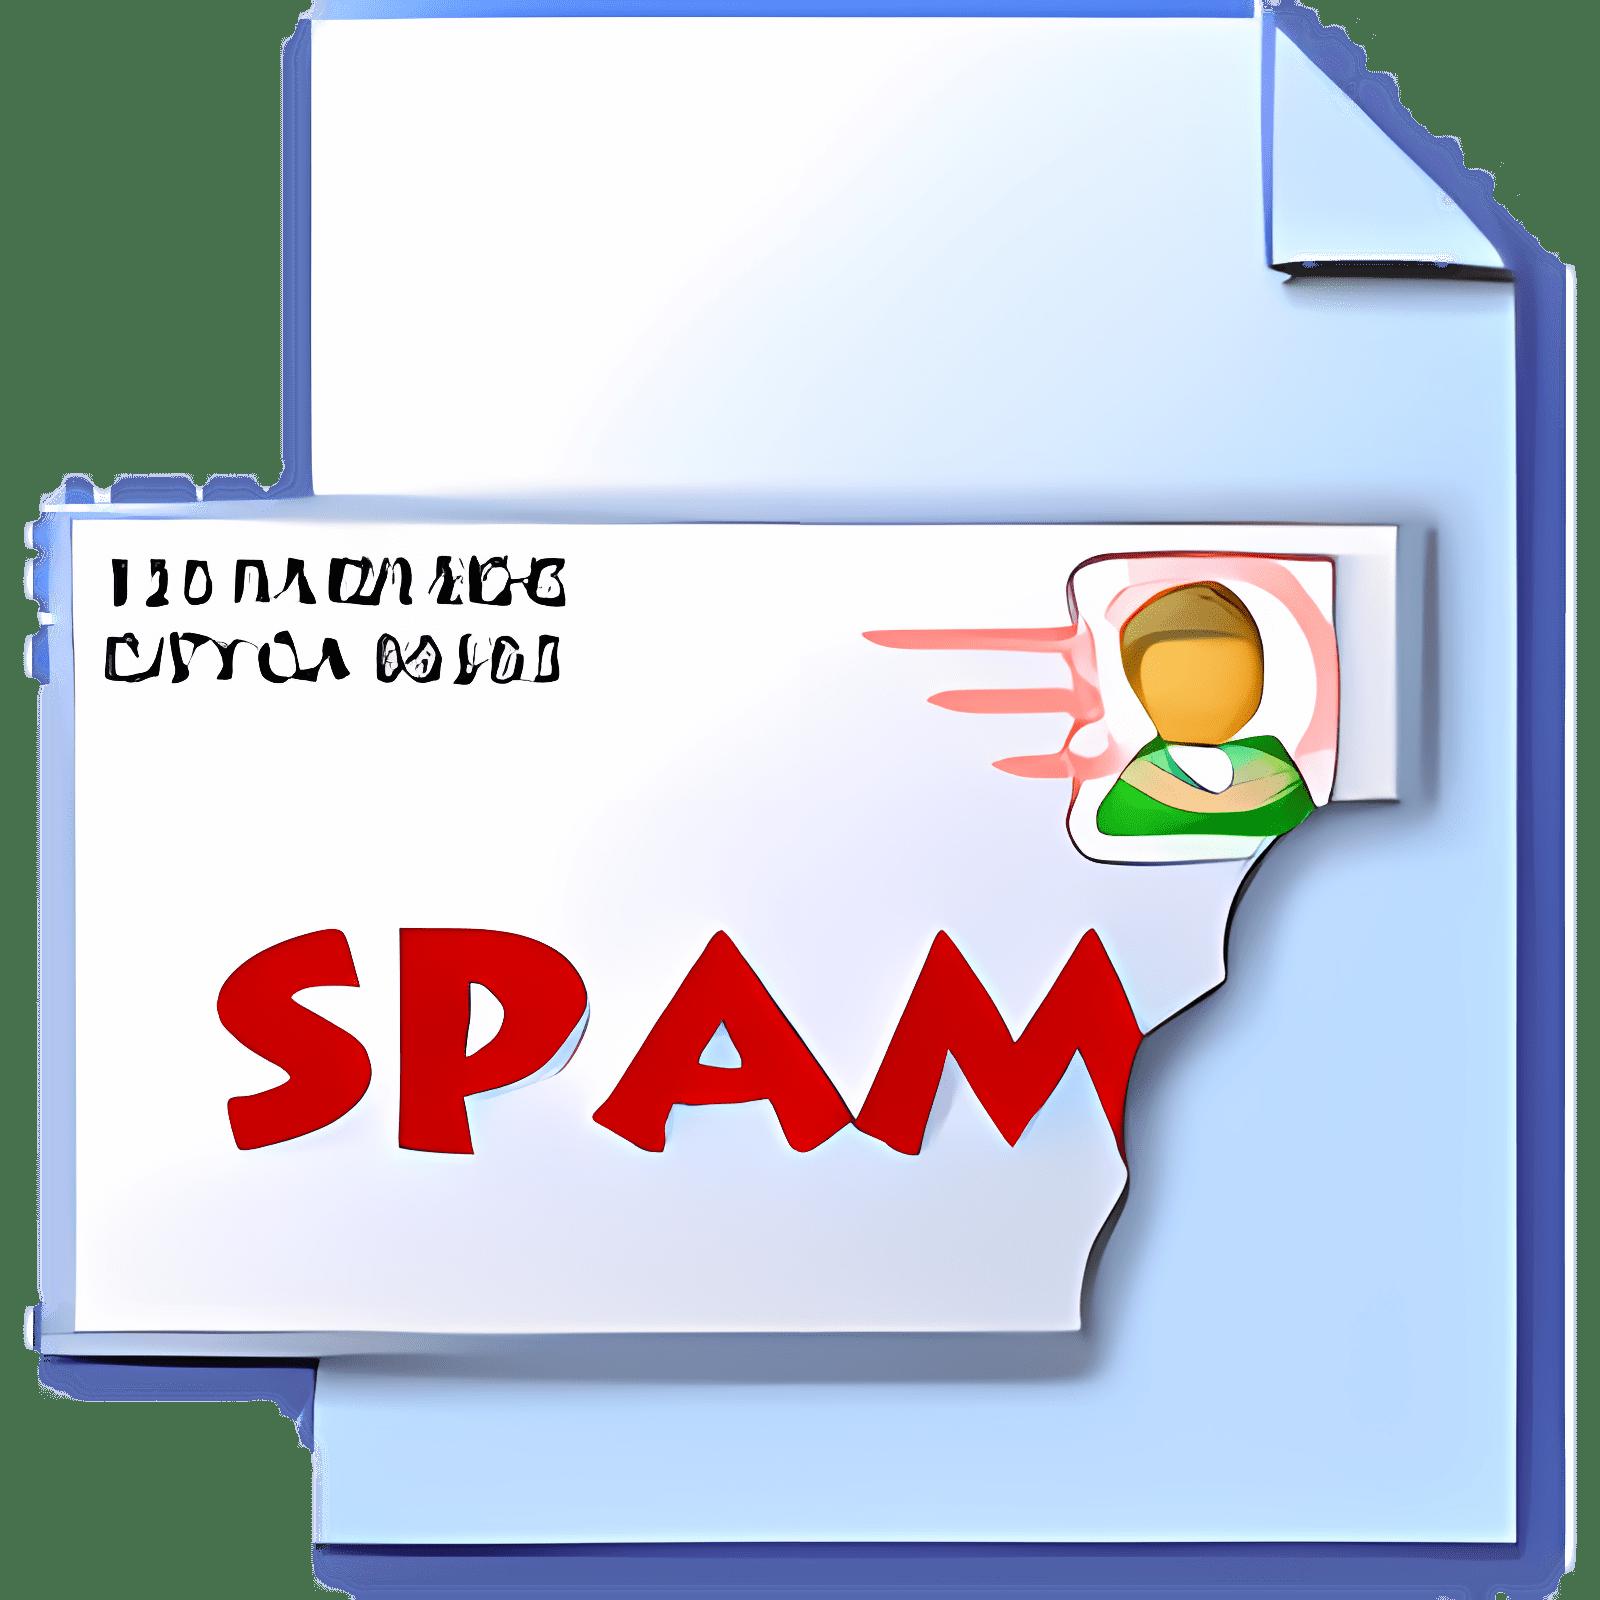 SpamEater